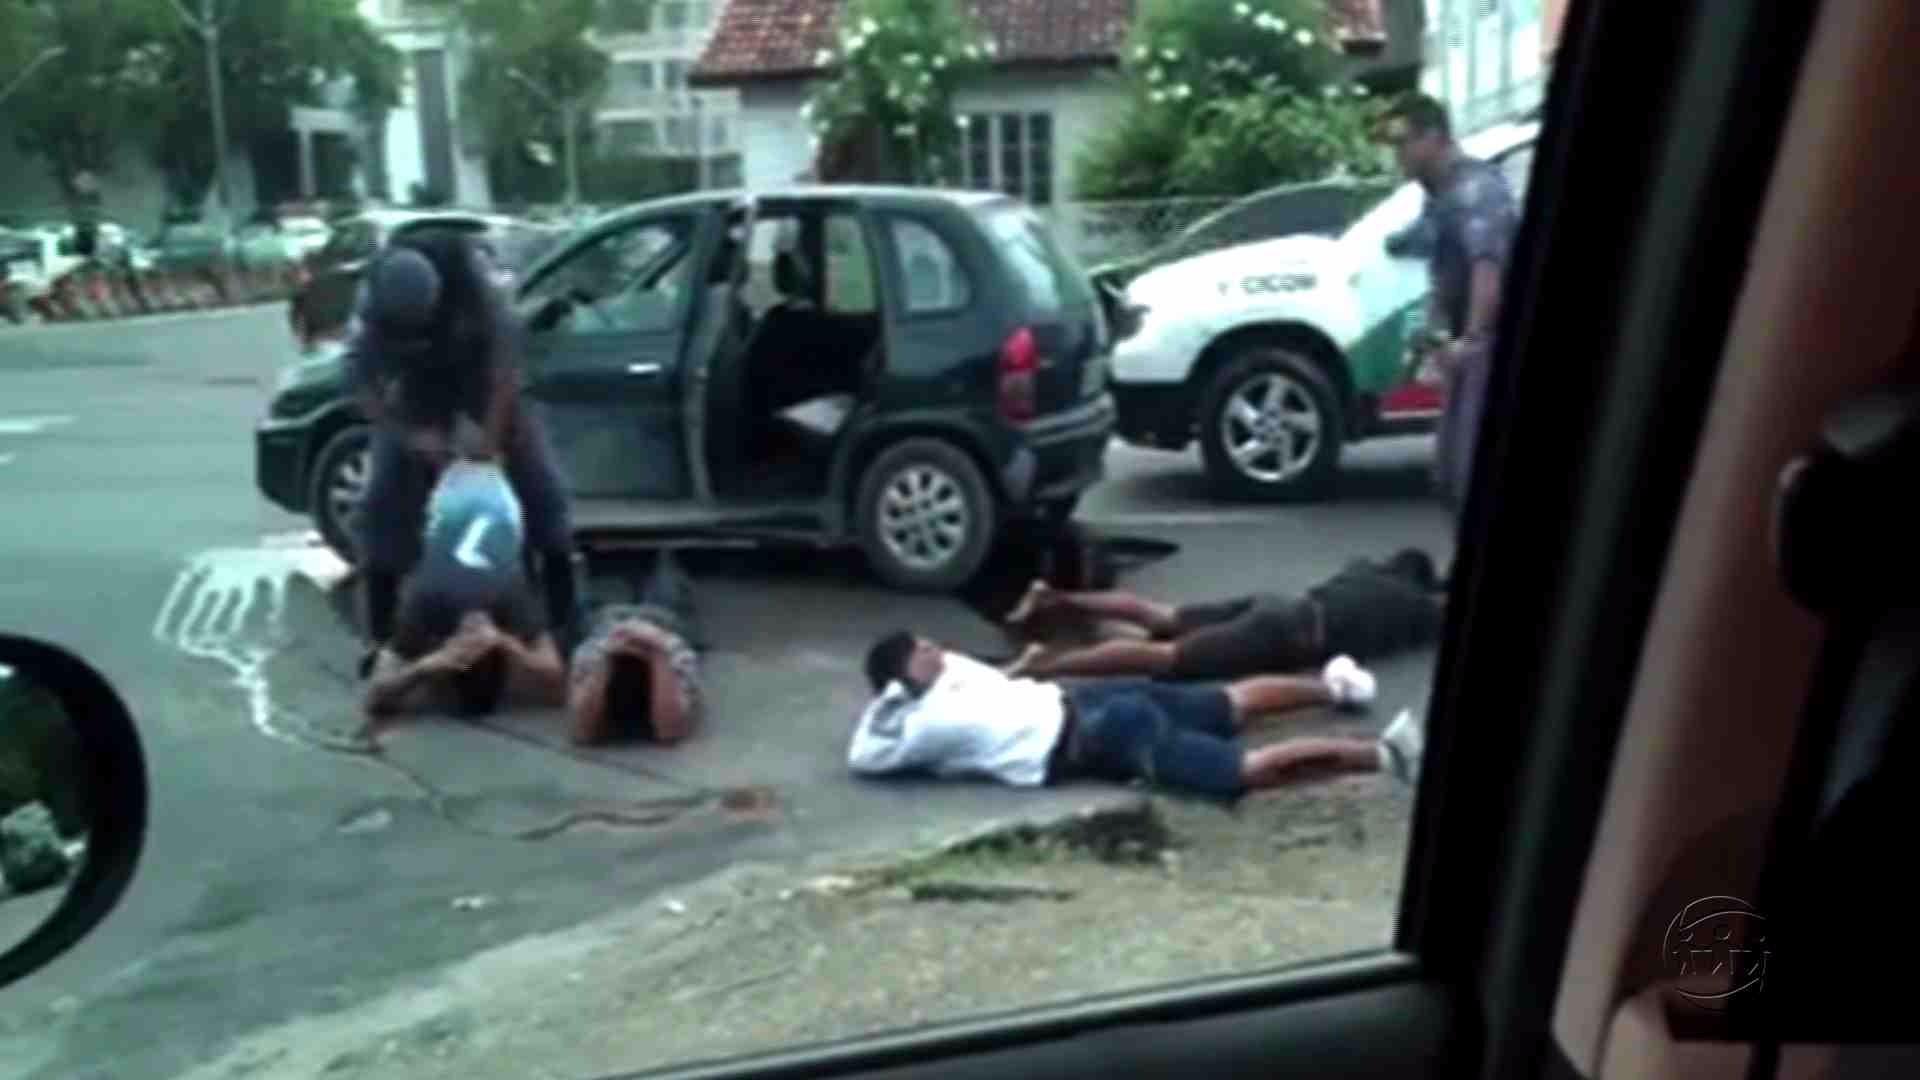 POLICIAIS PRENDEM SUSPEITOS DE REALIZAR ASSALTOS NA ZONA CENTRO-SUL - Alô Amazonas - 27/06/17